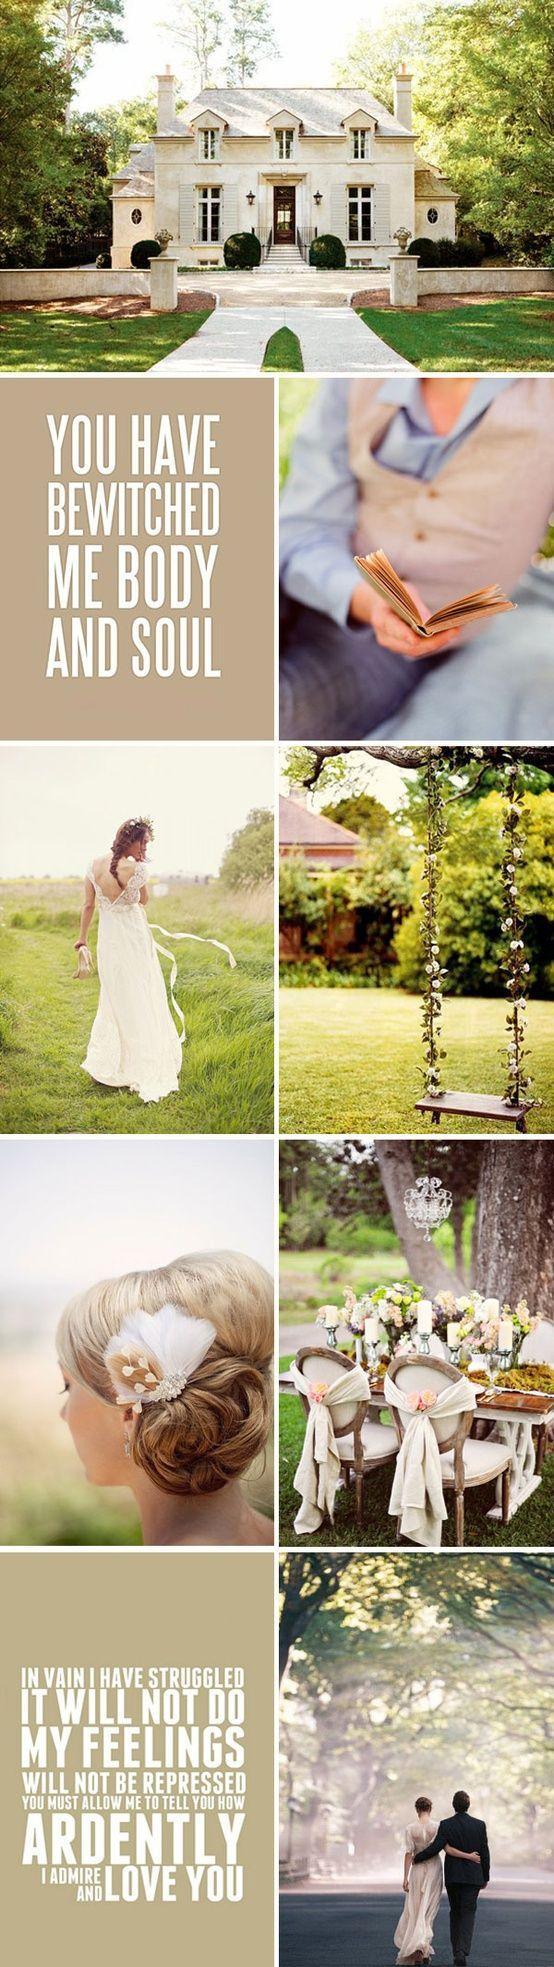 best bespoke wedding cakes images on pinterest cake wedding